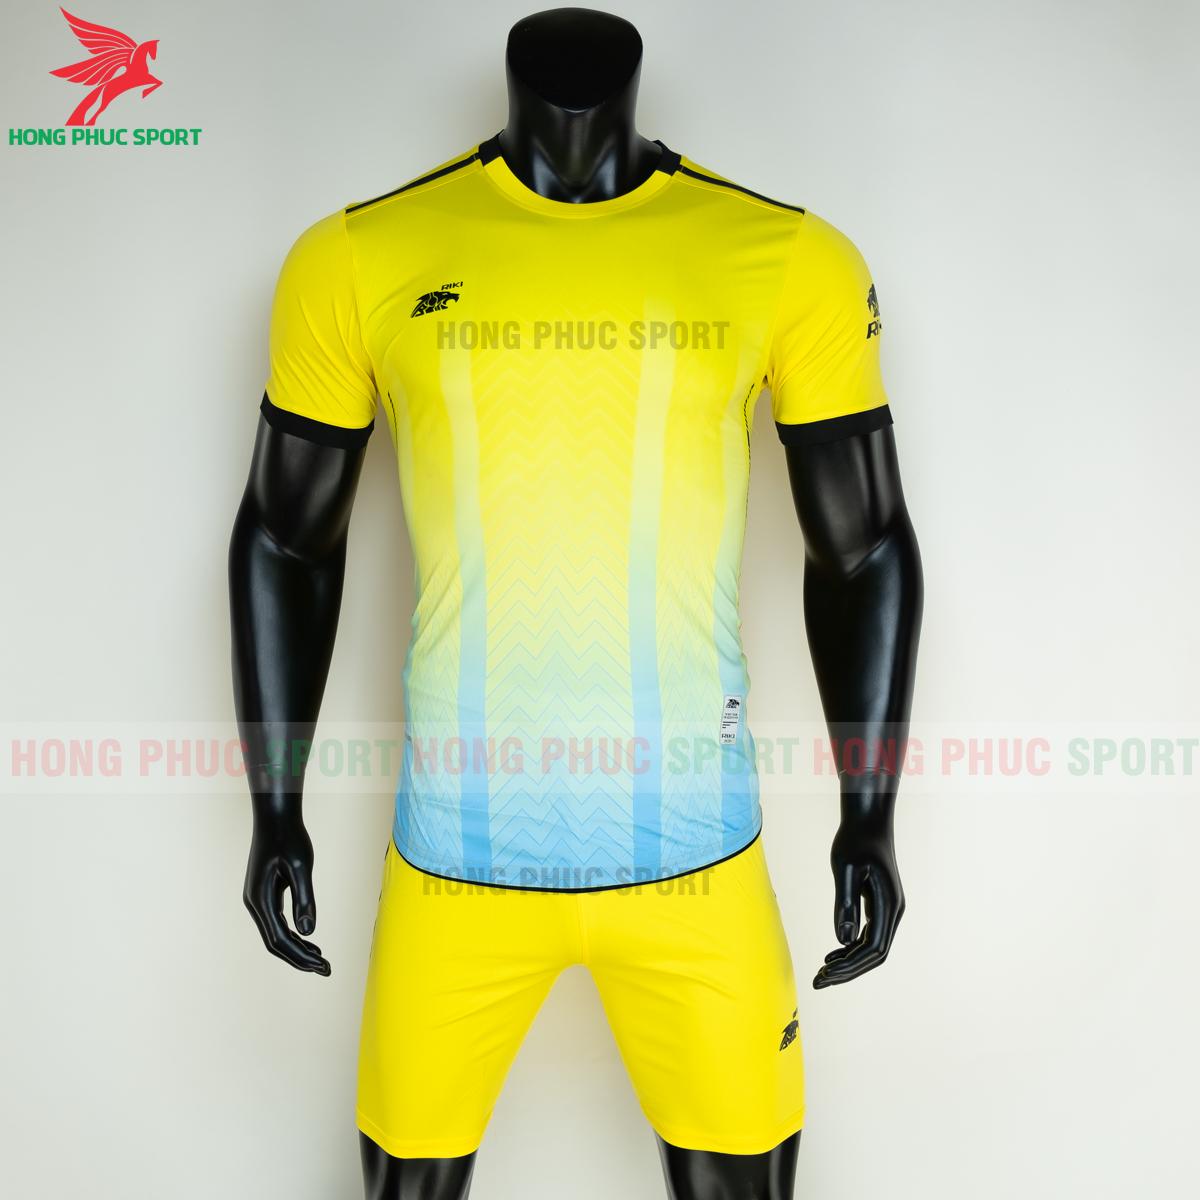 https://cdn.hongphucsport.com/unsafe/s4.shopbay.vn/files/285/ao-bong-da-khong-logo-riki-furior-mau-vang-2-60501620c27c3.png